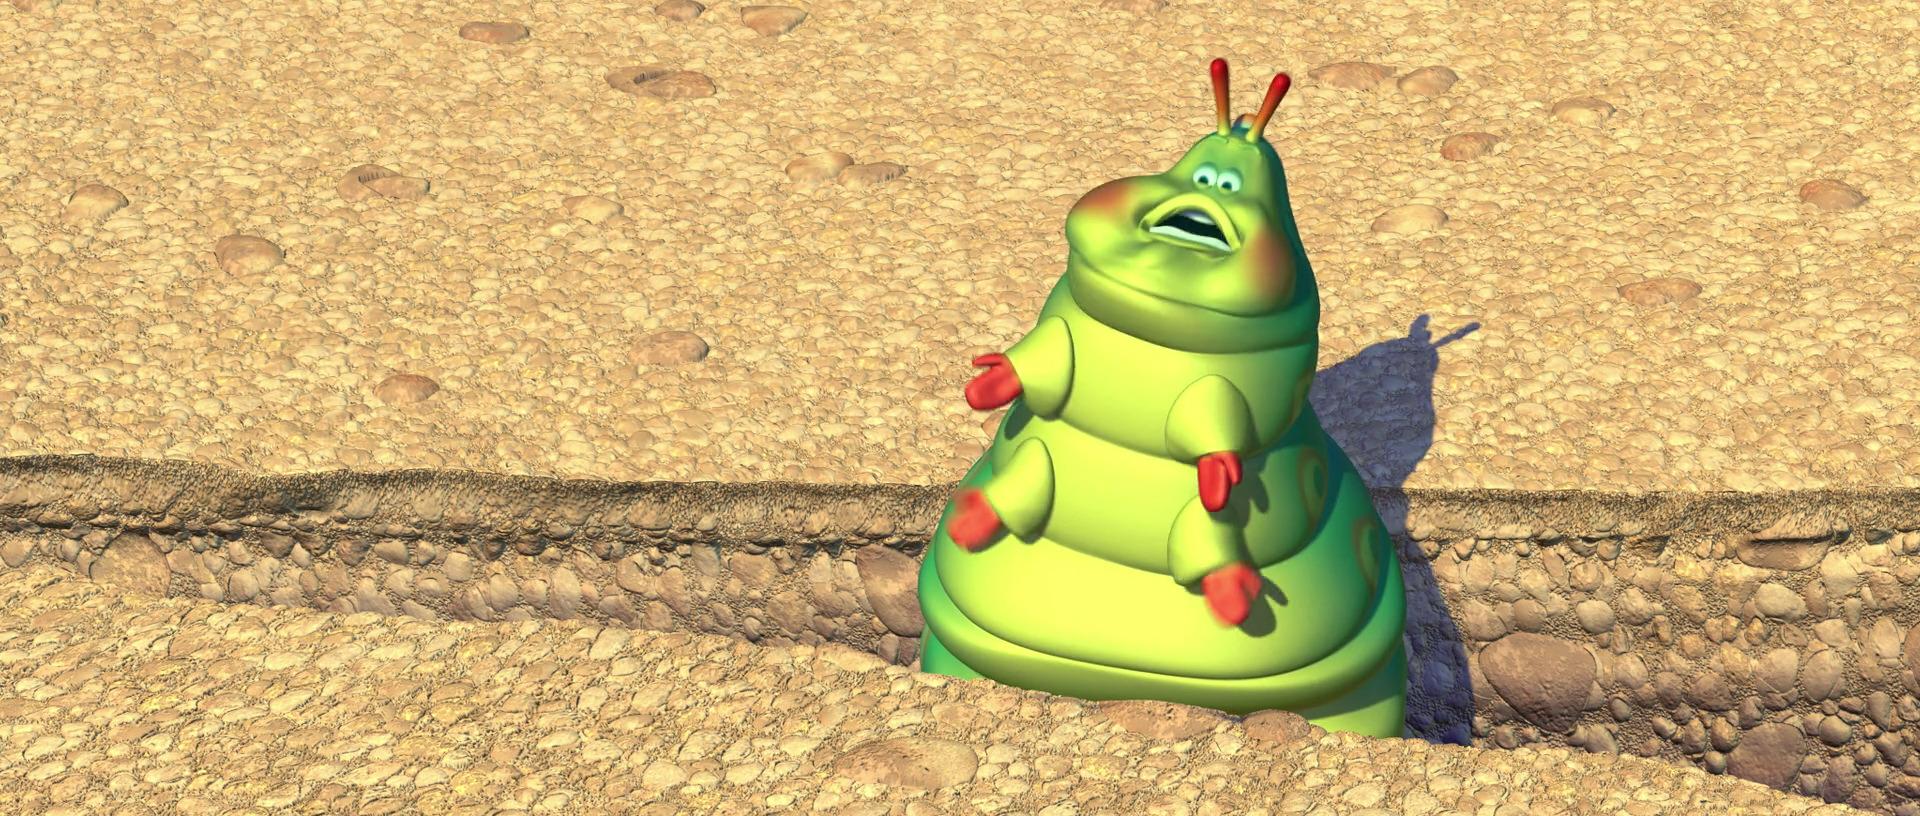 heimlich personnage dans �1001 pattes� pixarplanetfr